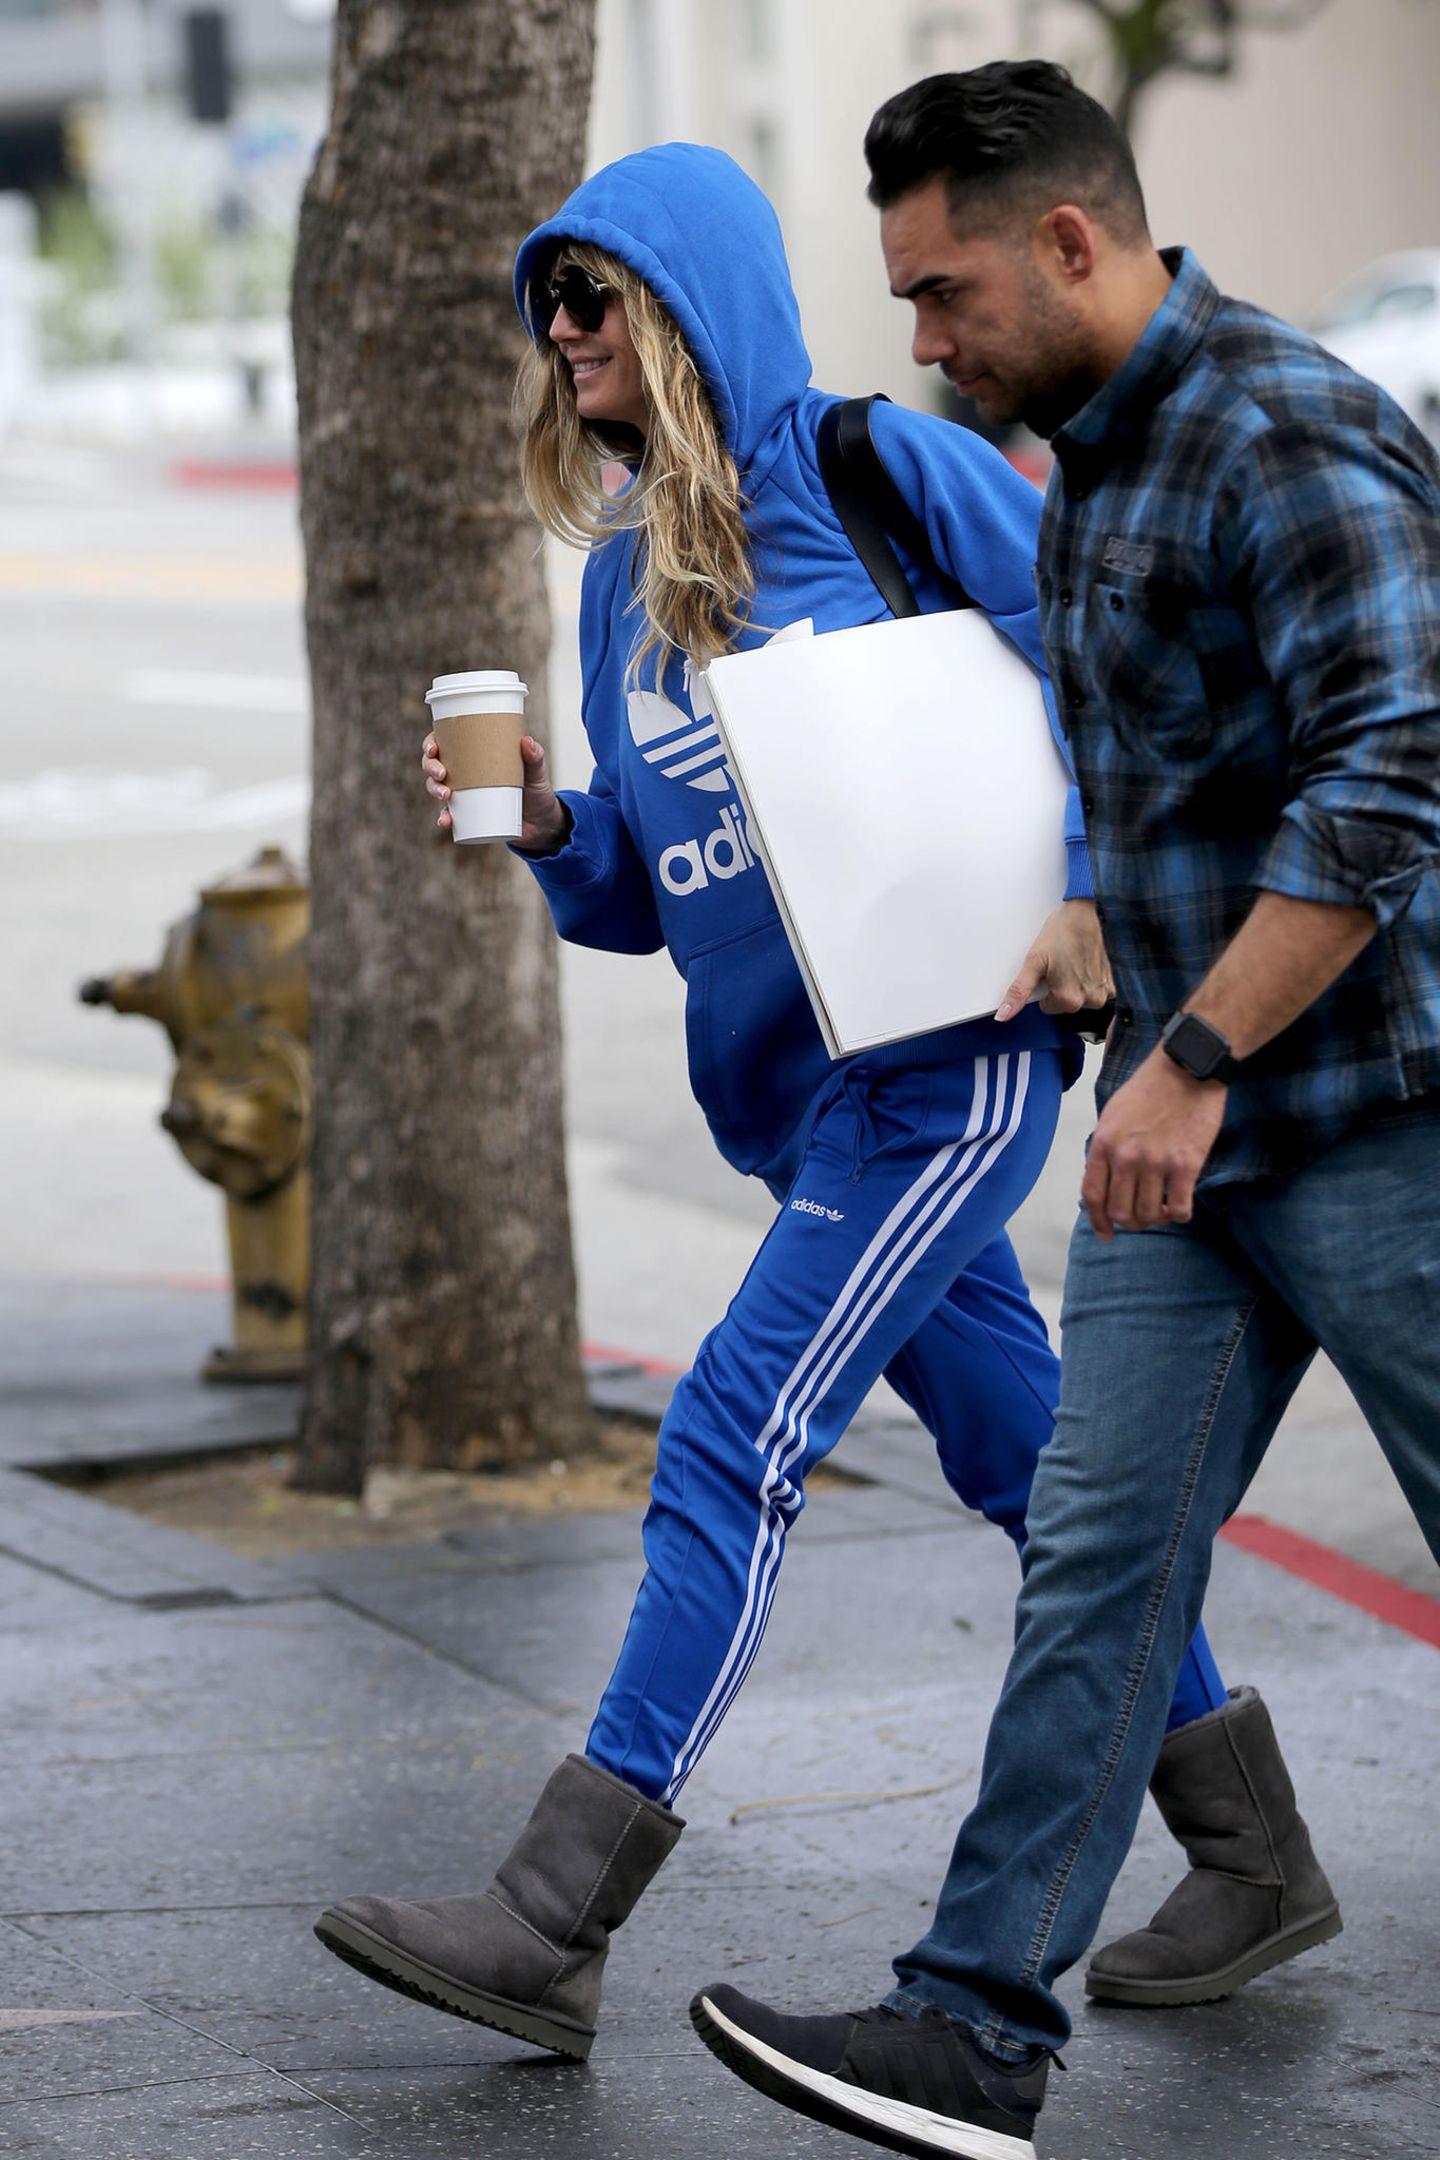 Die Oscars sind vorbei, das Glamour-Dress ist ausgezogen. Heidi Klum wechselt dafür in viel gemütlichere Klamotten. Im blauen Anzug von Adidas und Ugg-Boots ist sie super leger in Los Angeles unterwegs. Hinter der großen Sonnenbrille hätte man sie so kaum erkannt.